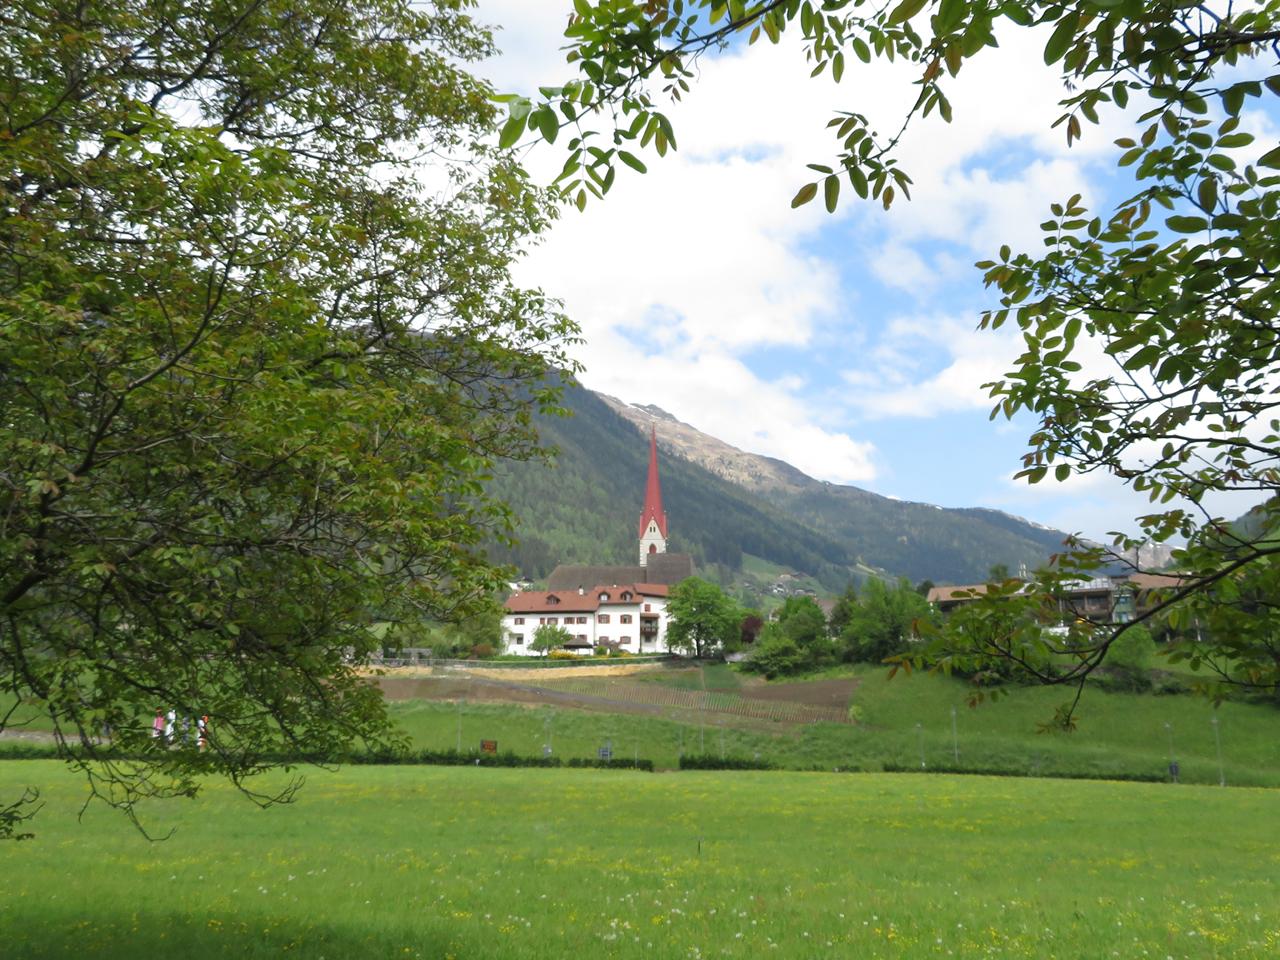 Unser Urlaub beginnt in St. Leonhard, der Geburtsstätte von Andreas Hofer, im Passeiertal.